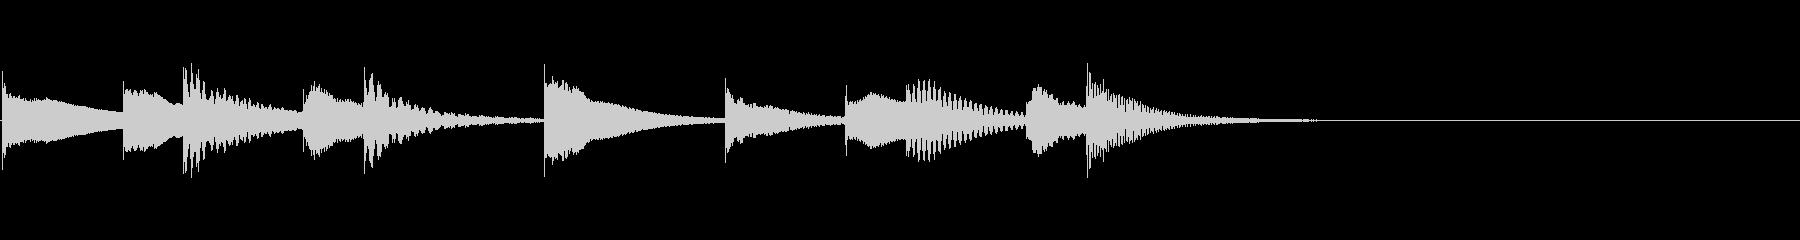 可愛い木琴のジングル/動物/わくわくの未再生の波形